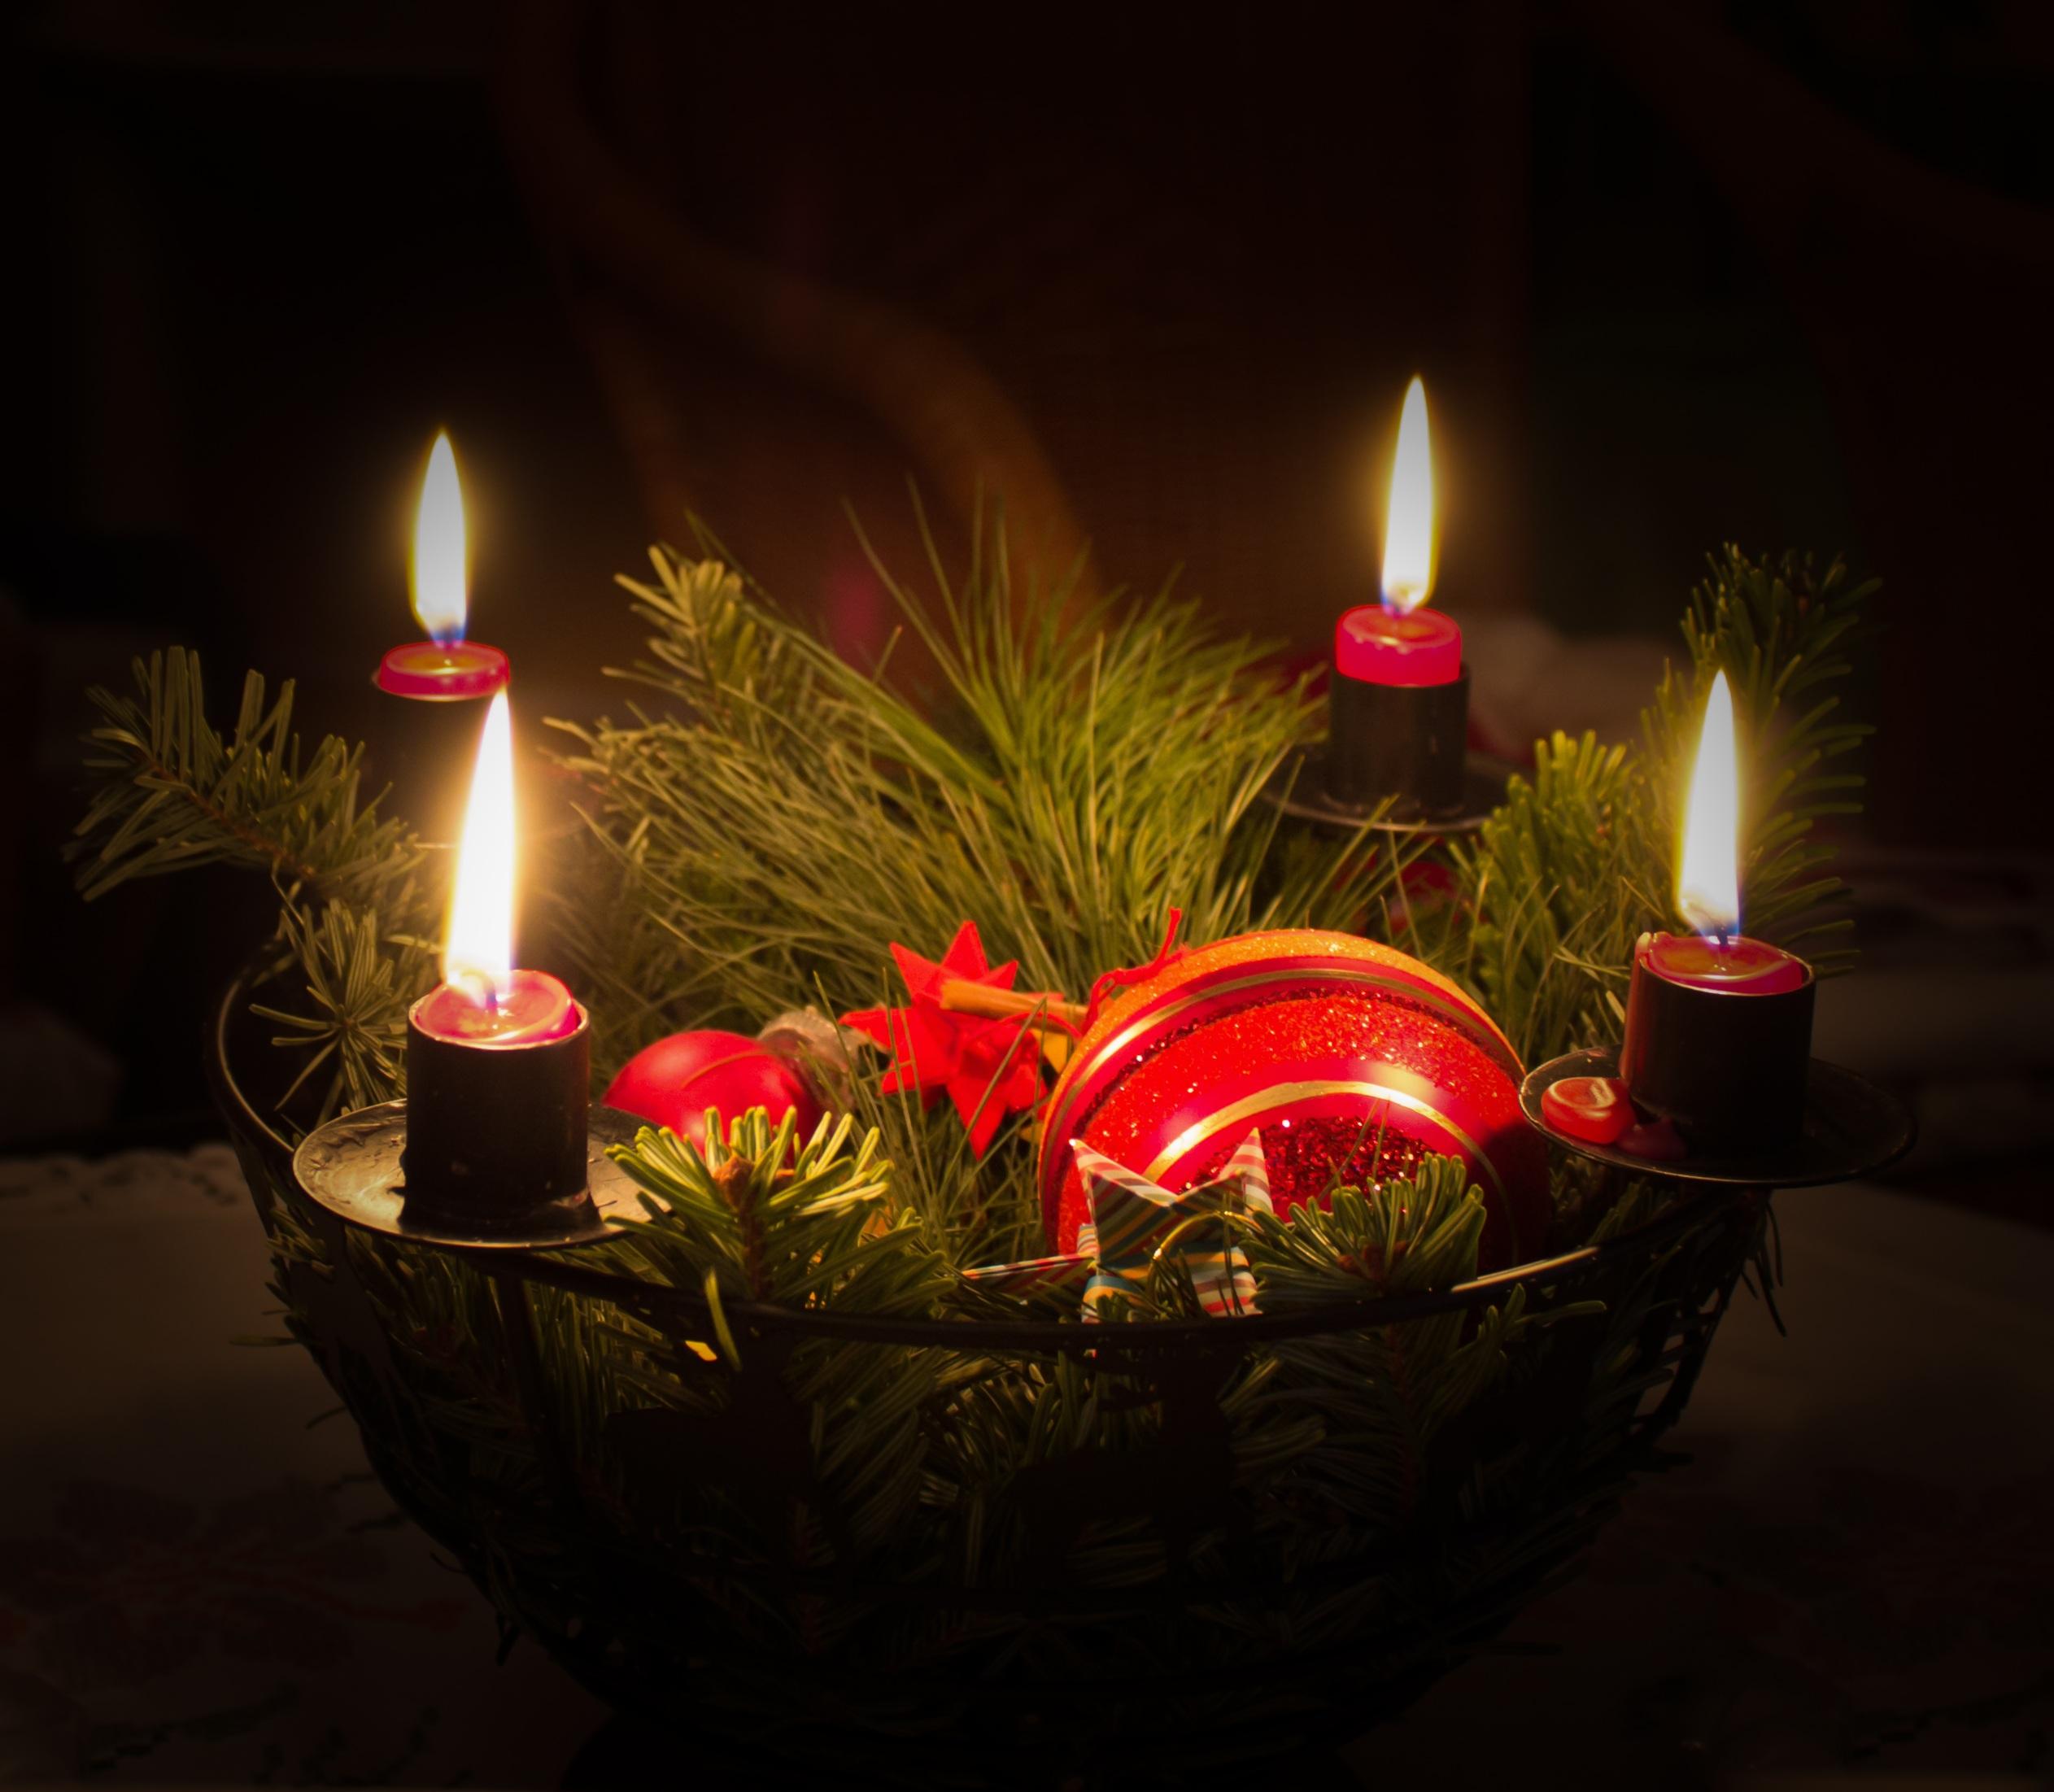 Adventskranz Bilder Kostenlos kostenlose foto nacht blume urlaub weihnachten beleuchtung